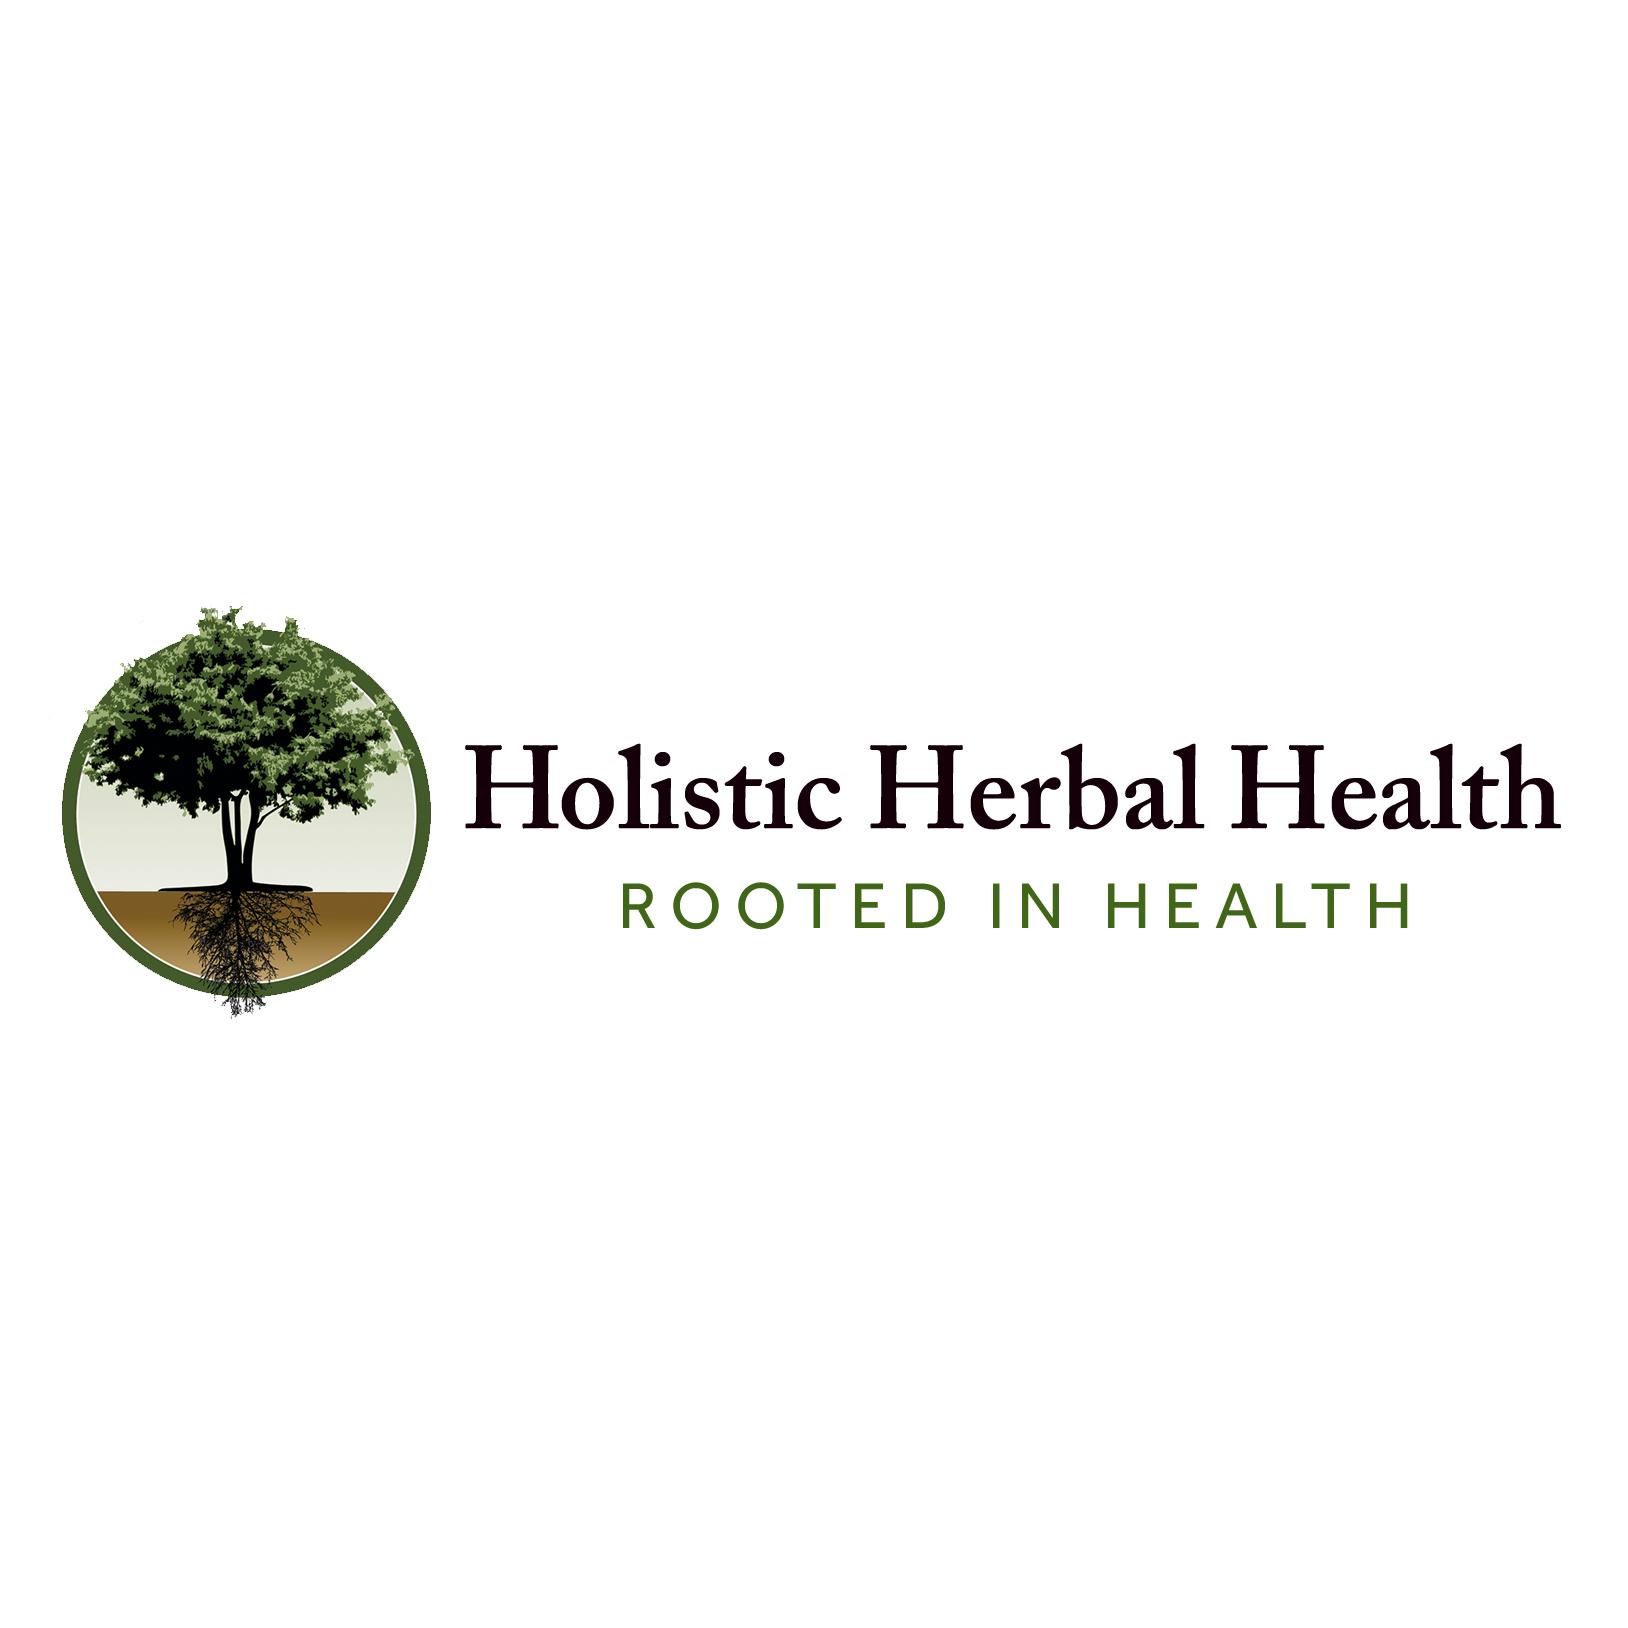 Holistic Herbal Health